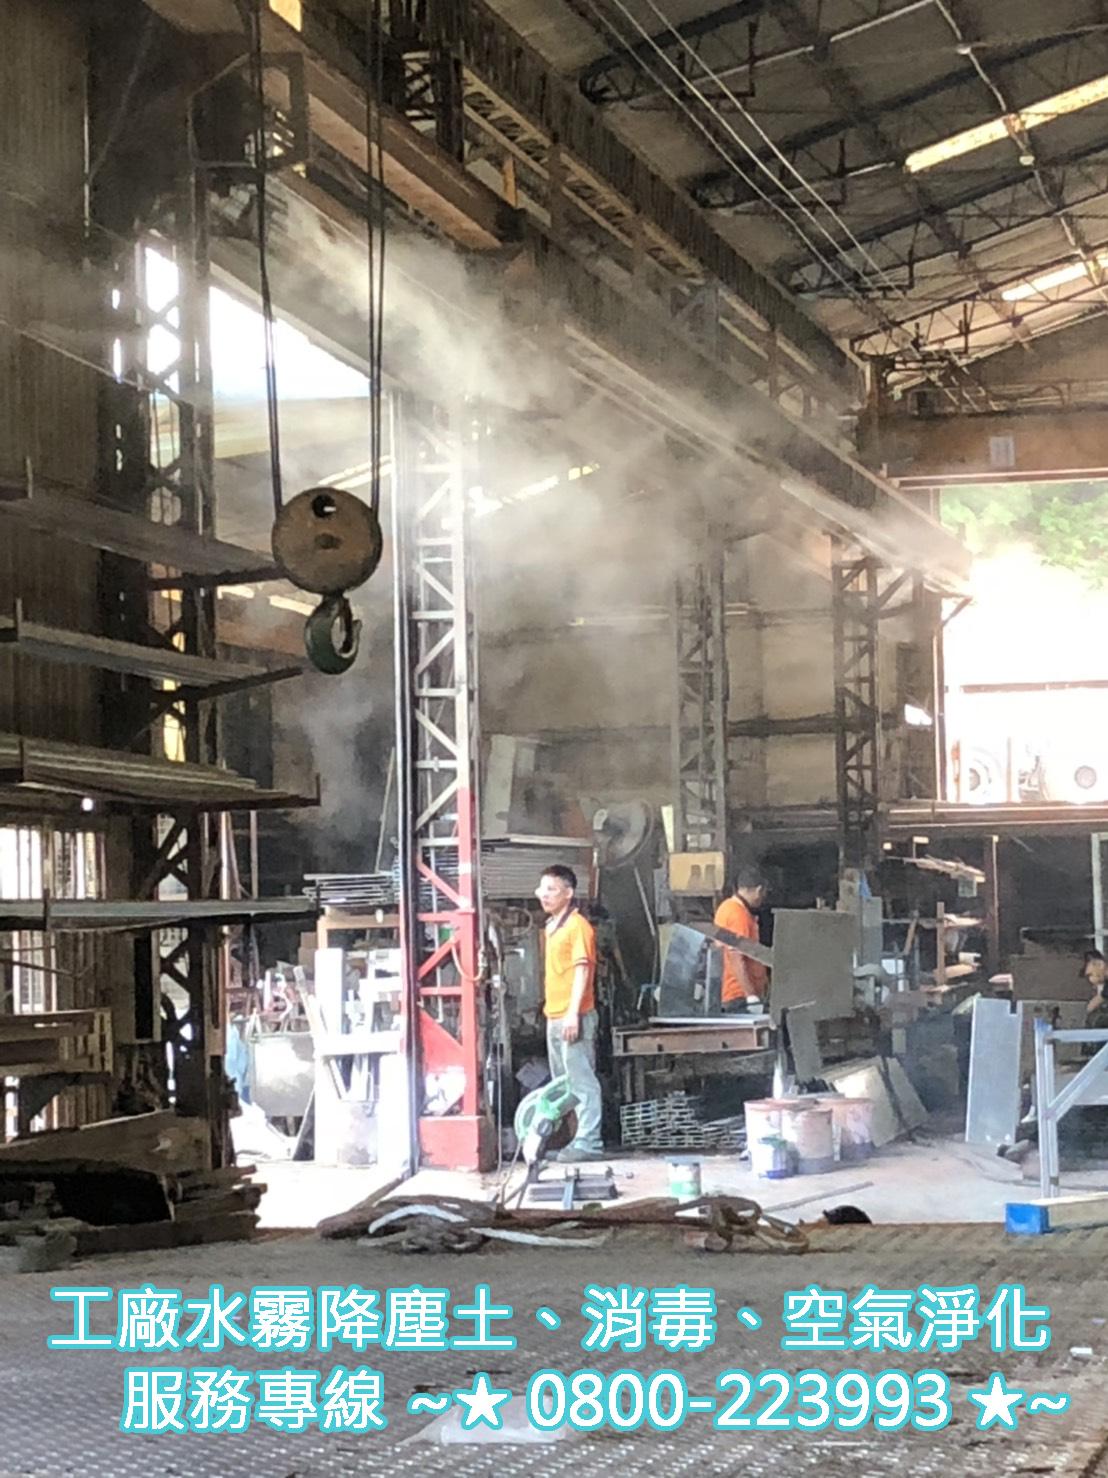 工廠水霧、鎮塵、空氣淨化